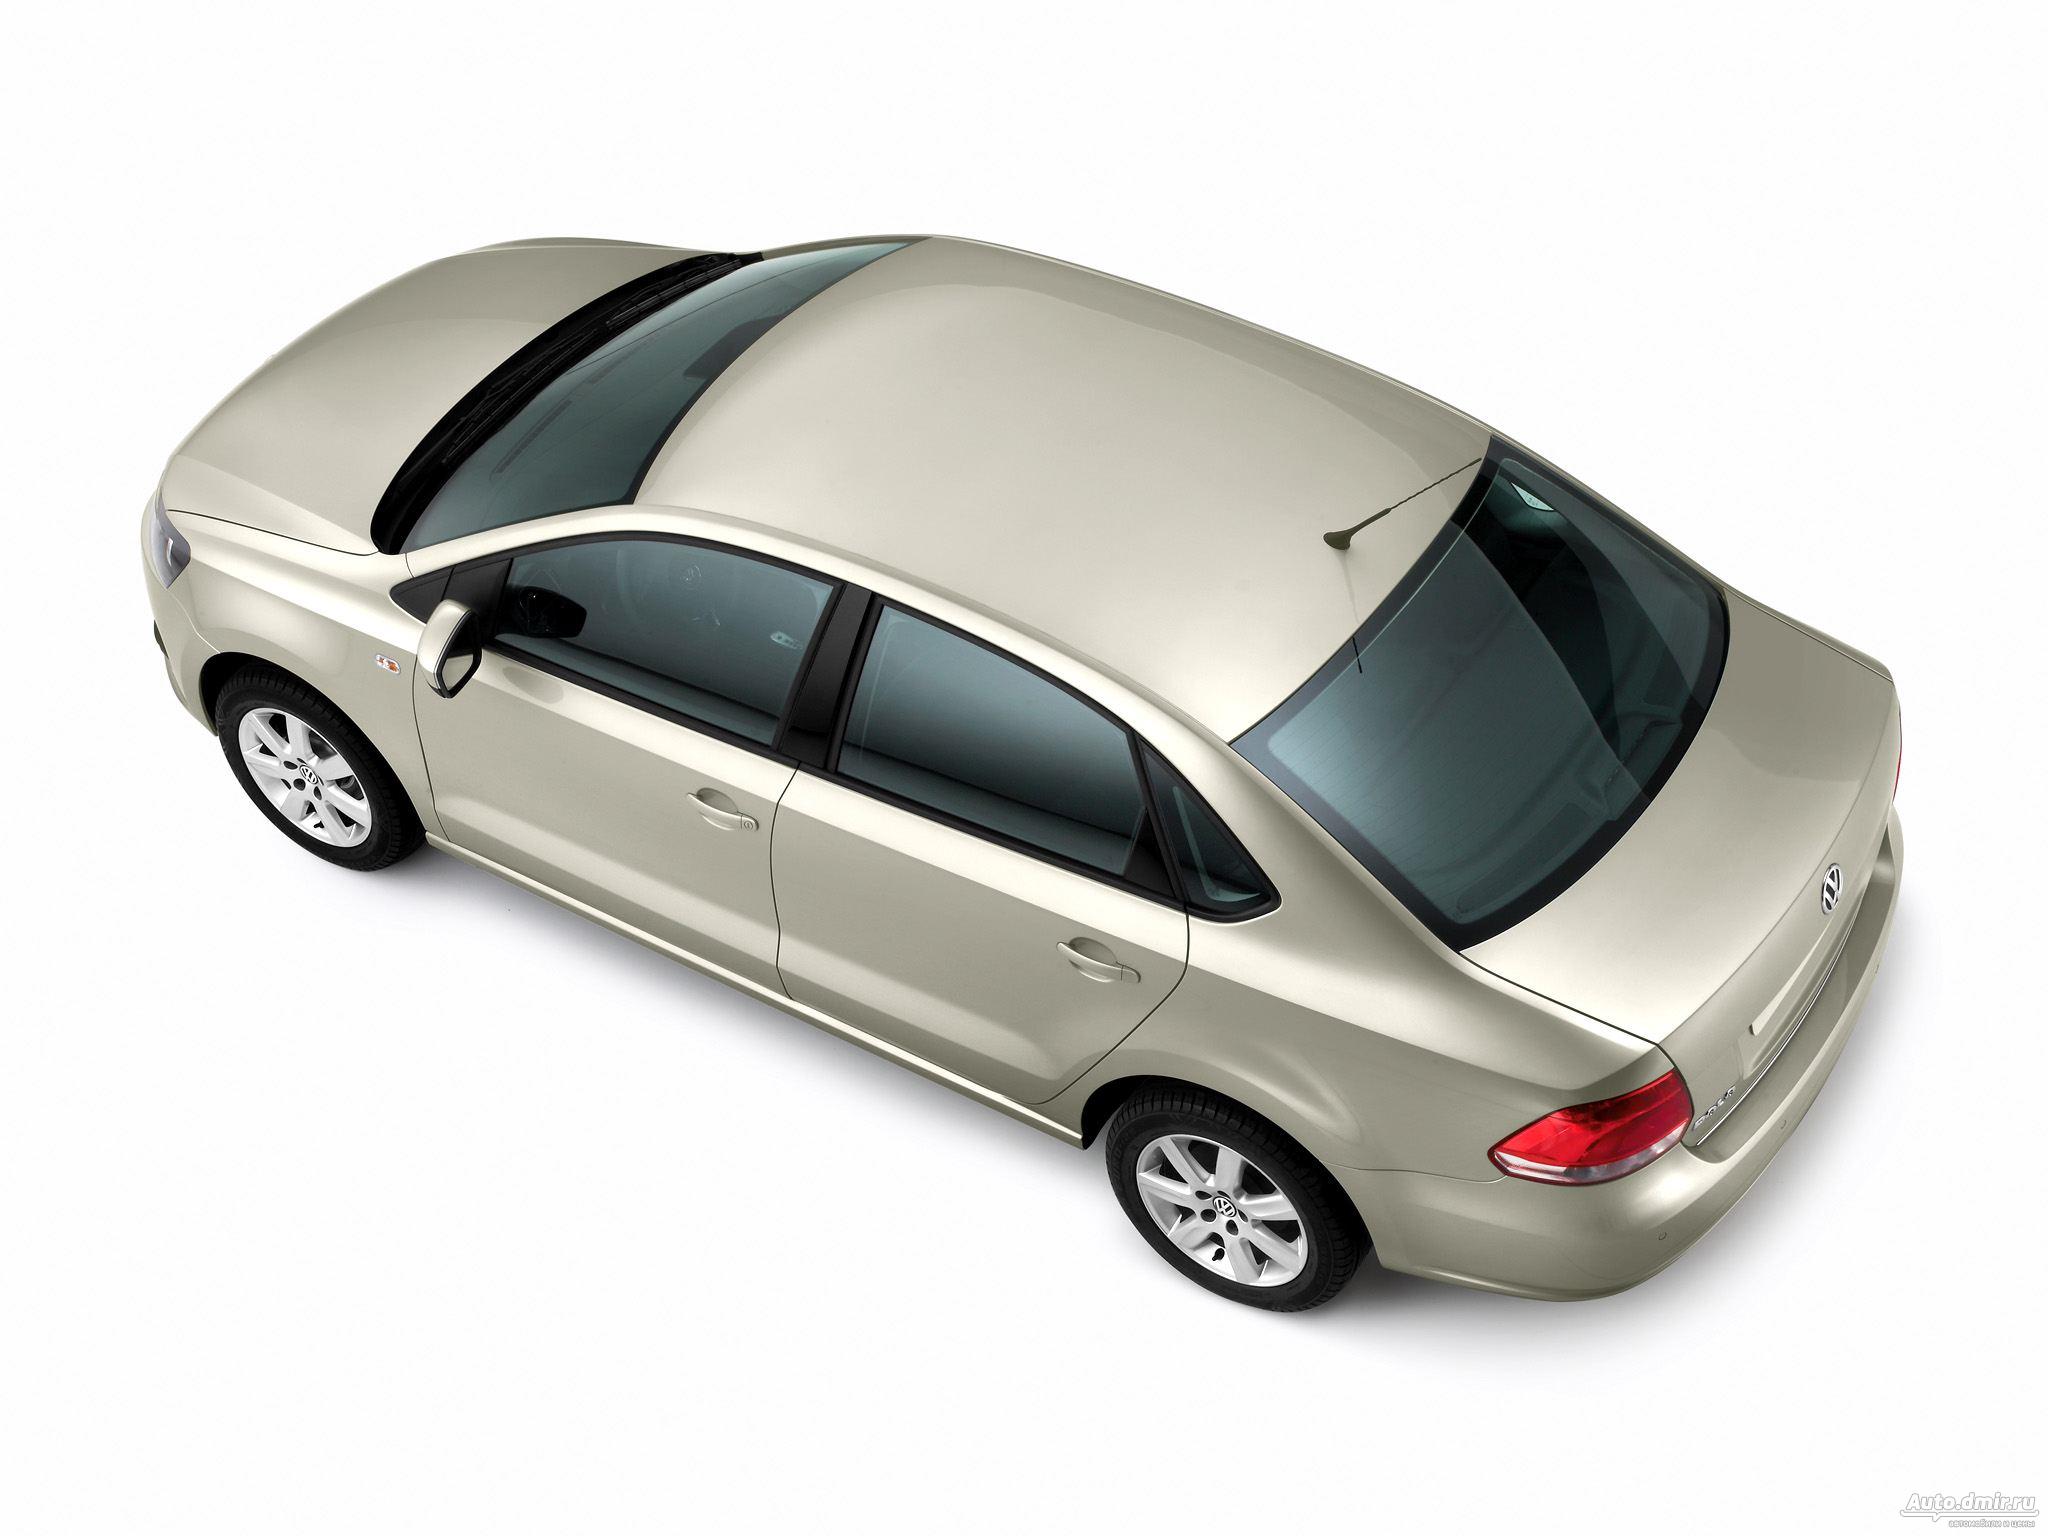 Есть ли необходимость в антикоррозийной обработке кузова VW Polo Sedan?